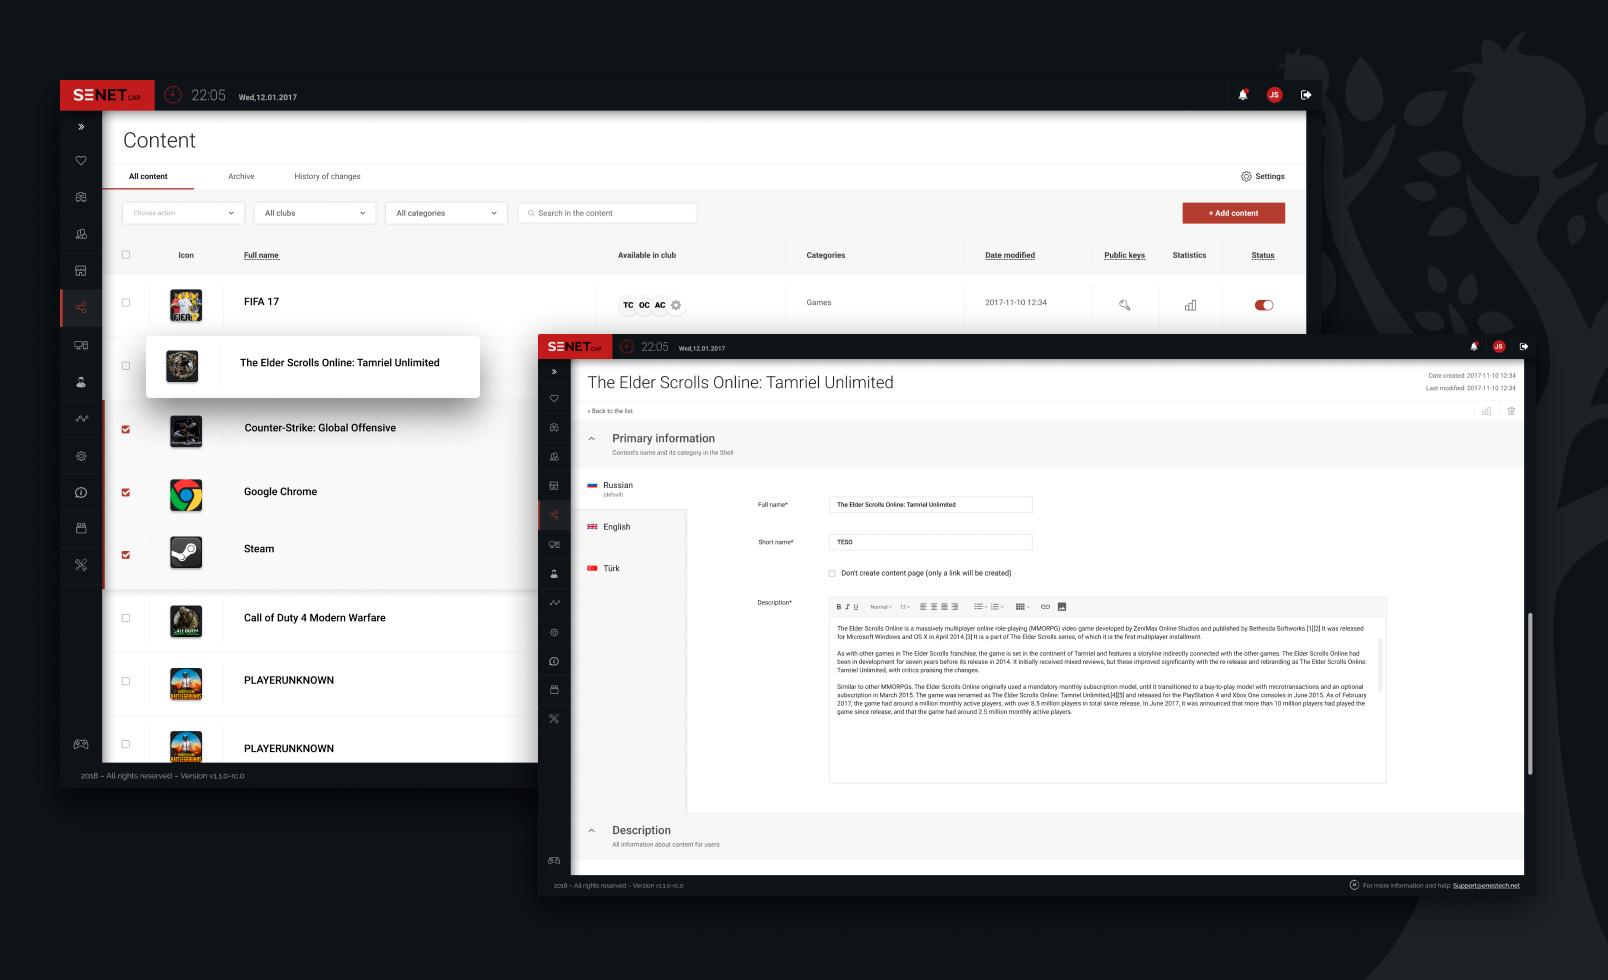 Как добавить новый контент в пользовательский интерфейс Senet